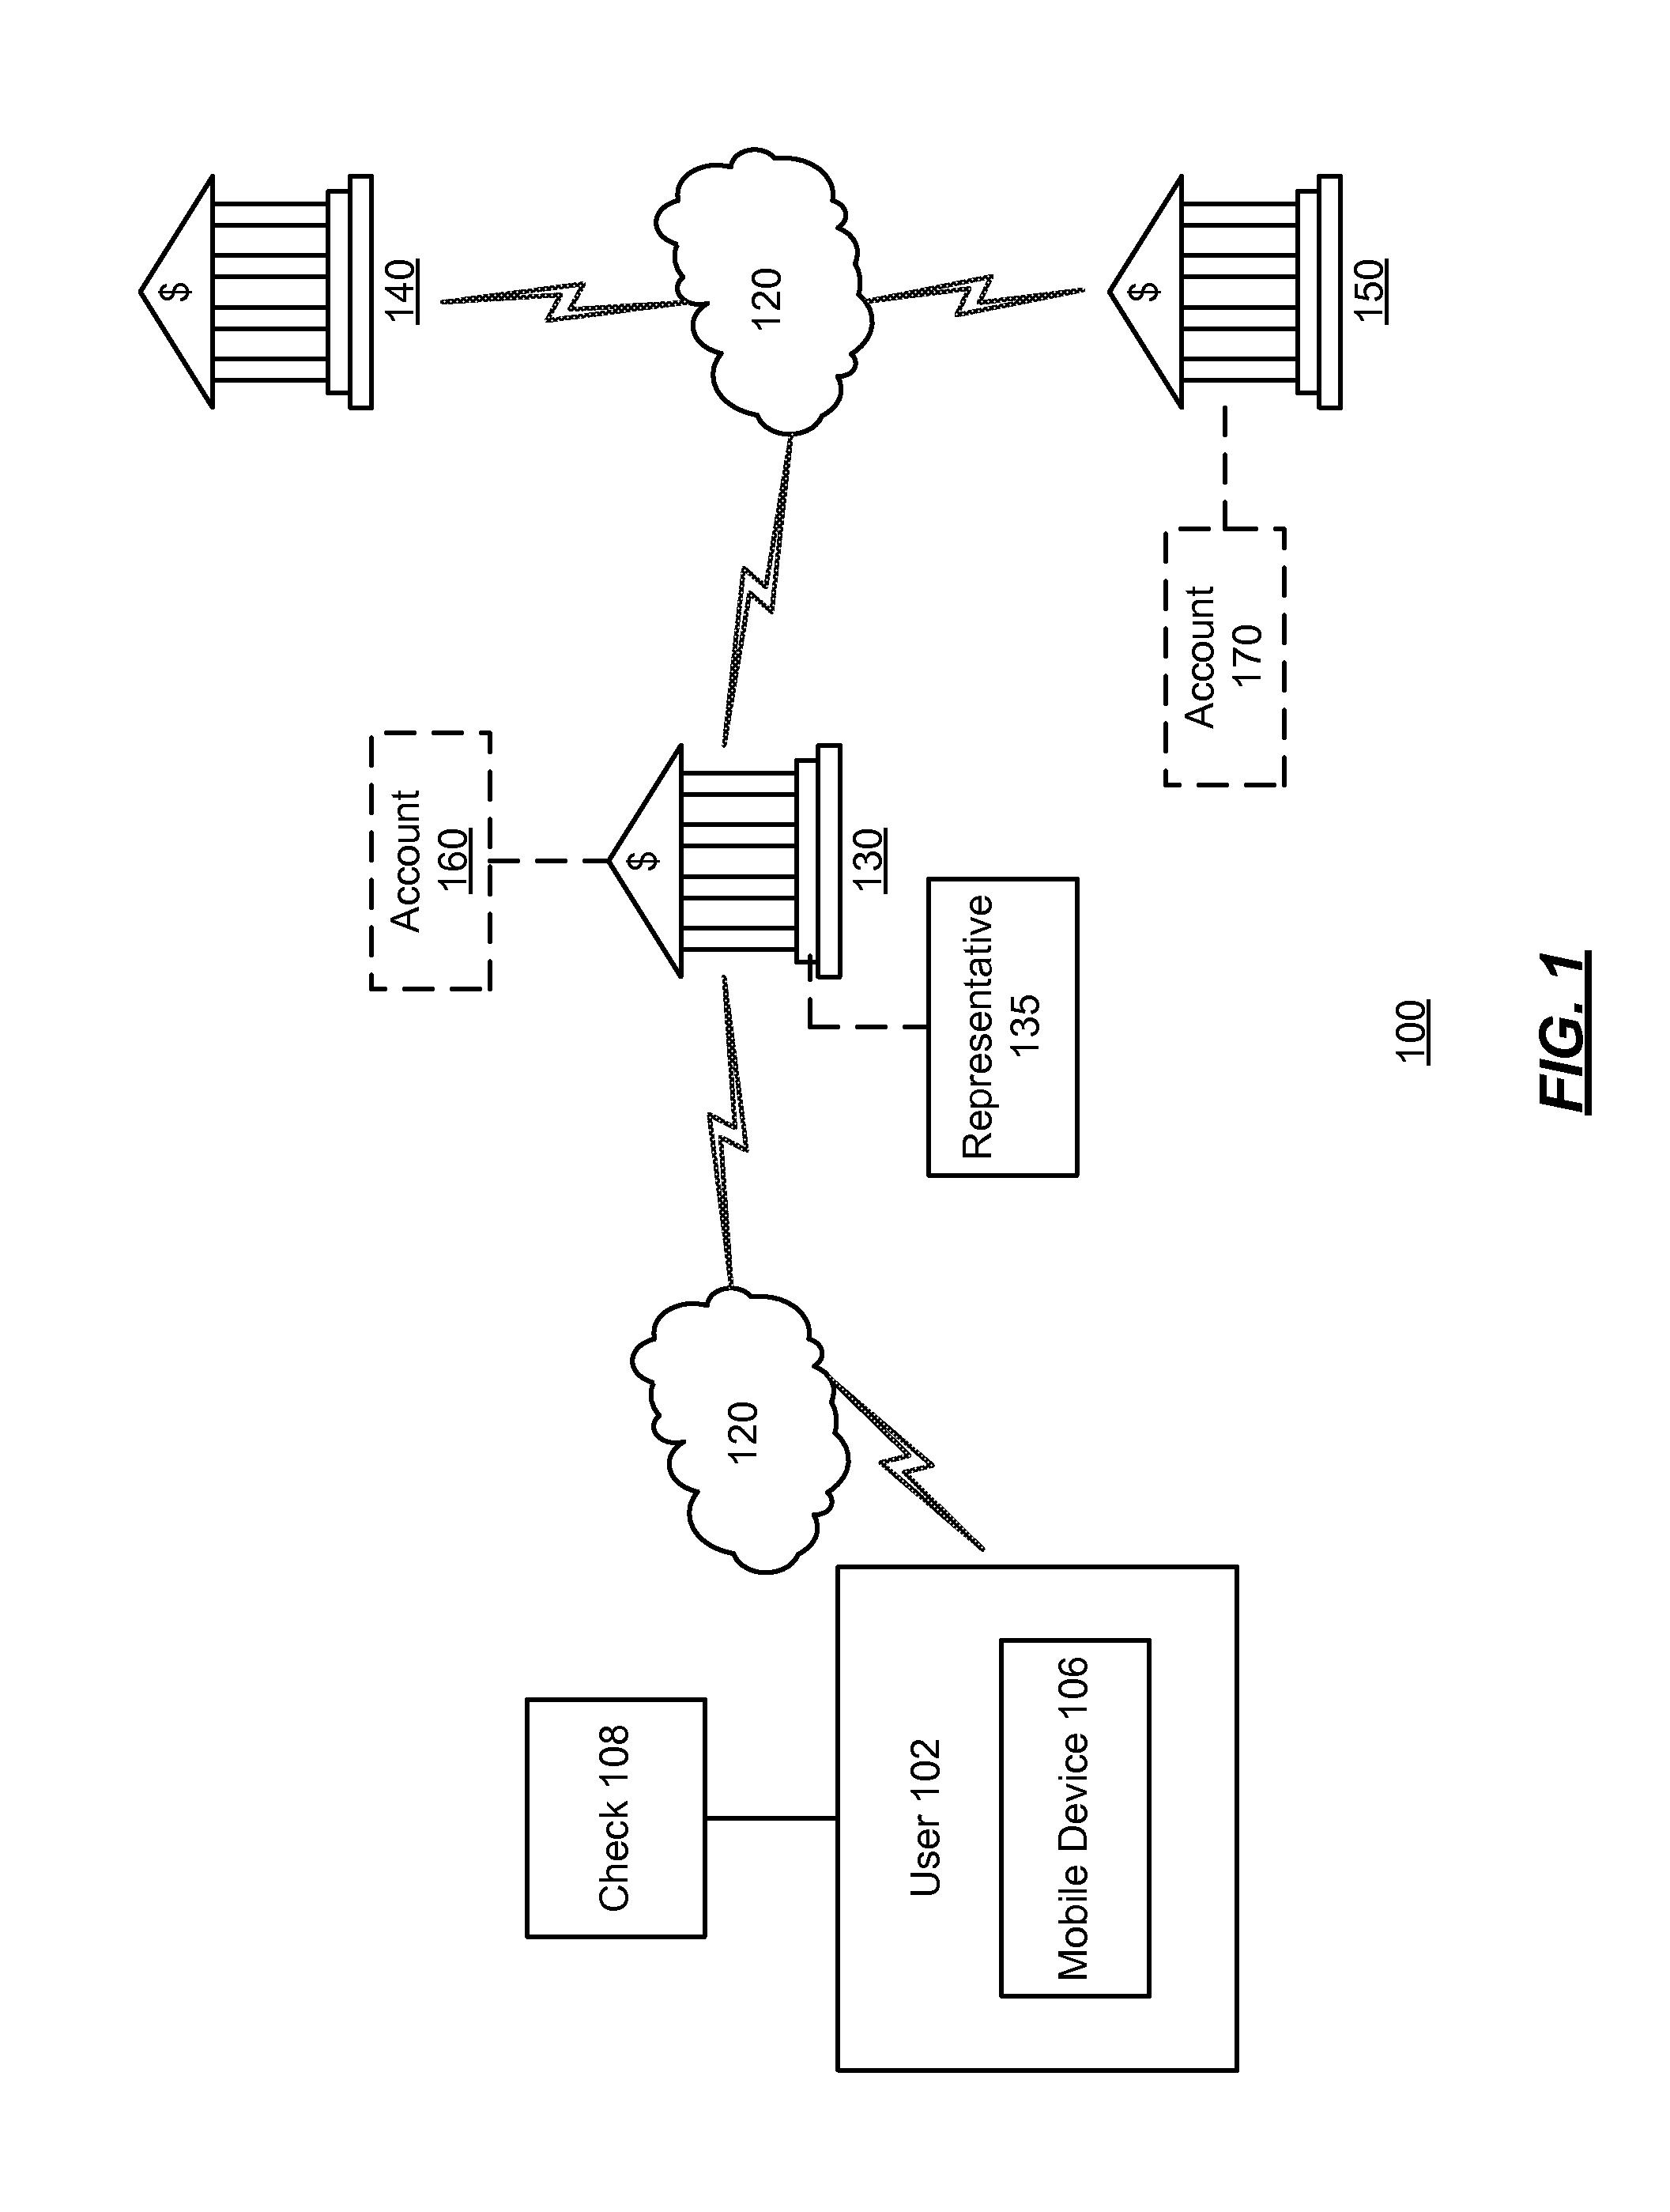 Patent Us 8699779 B1 Envelopedetectorcircuit01svg Images